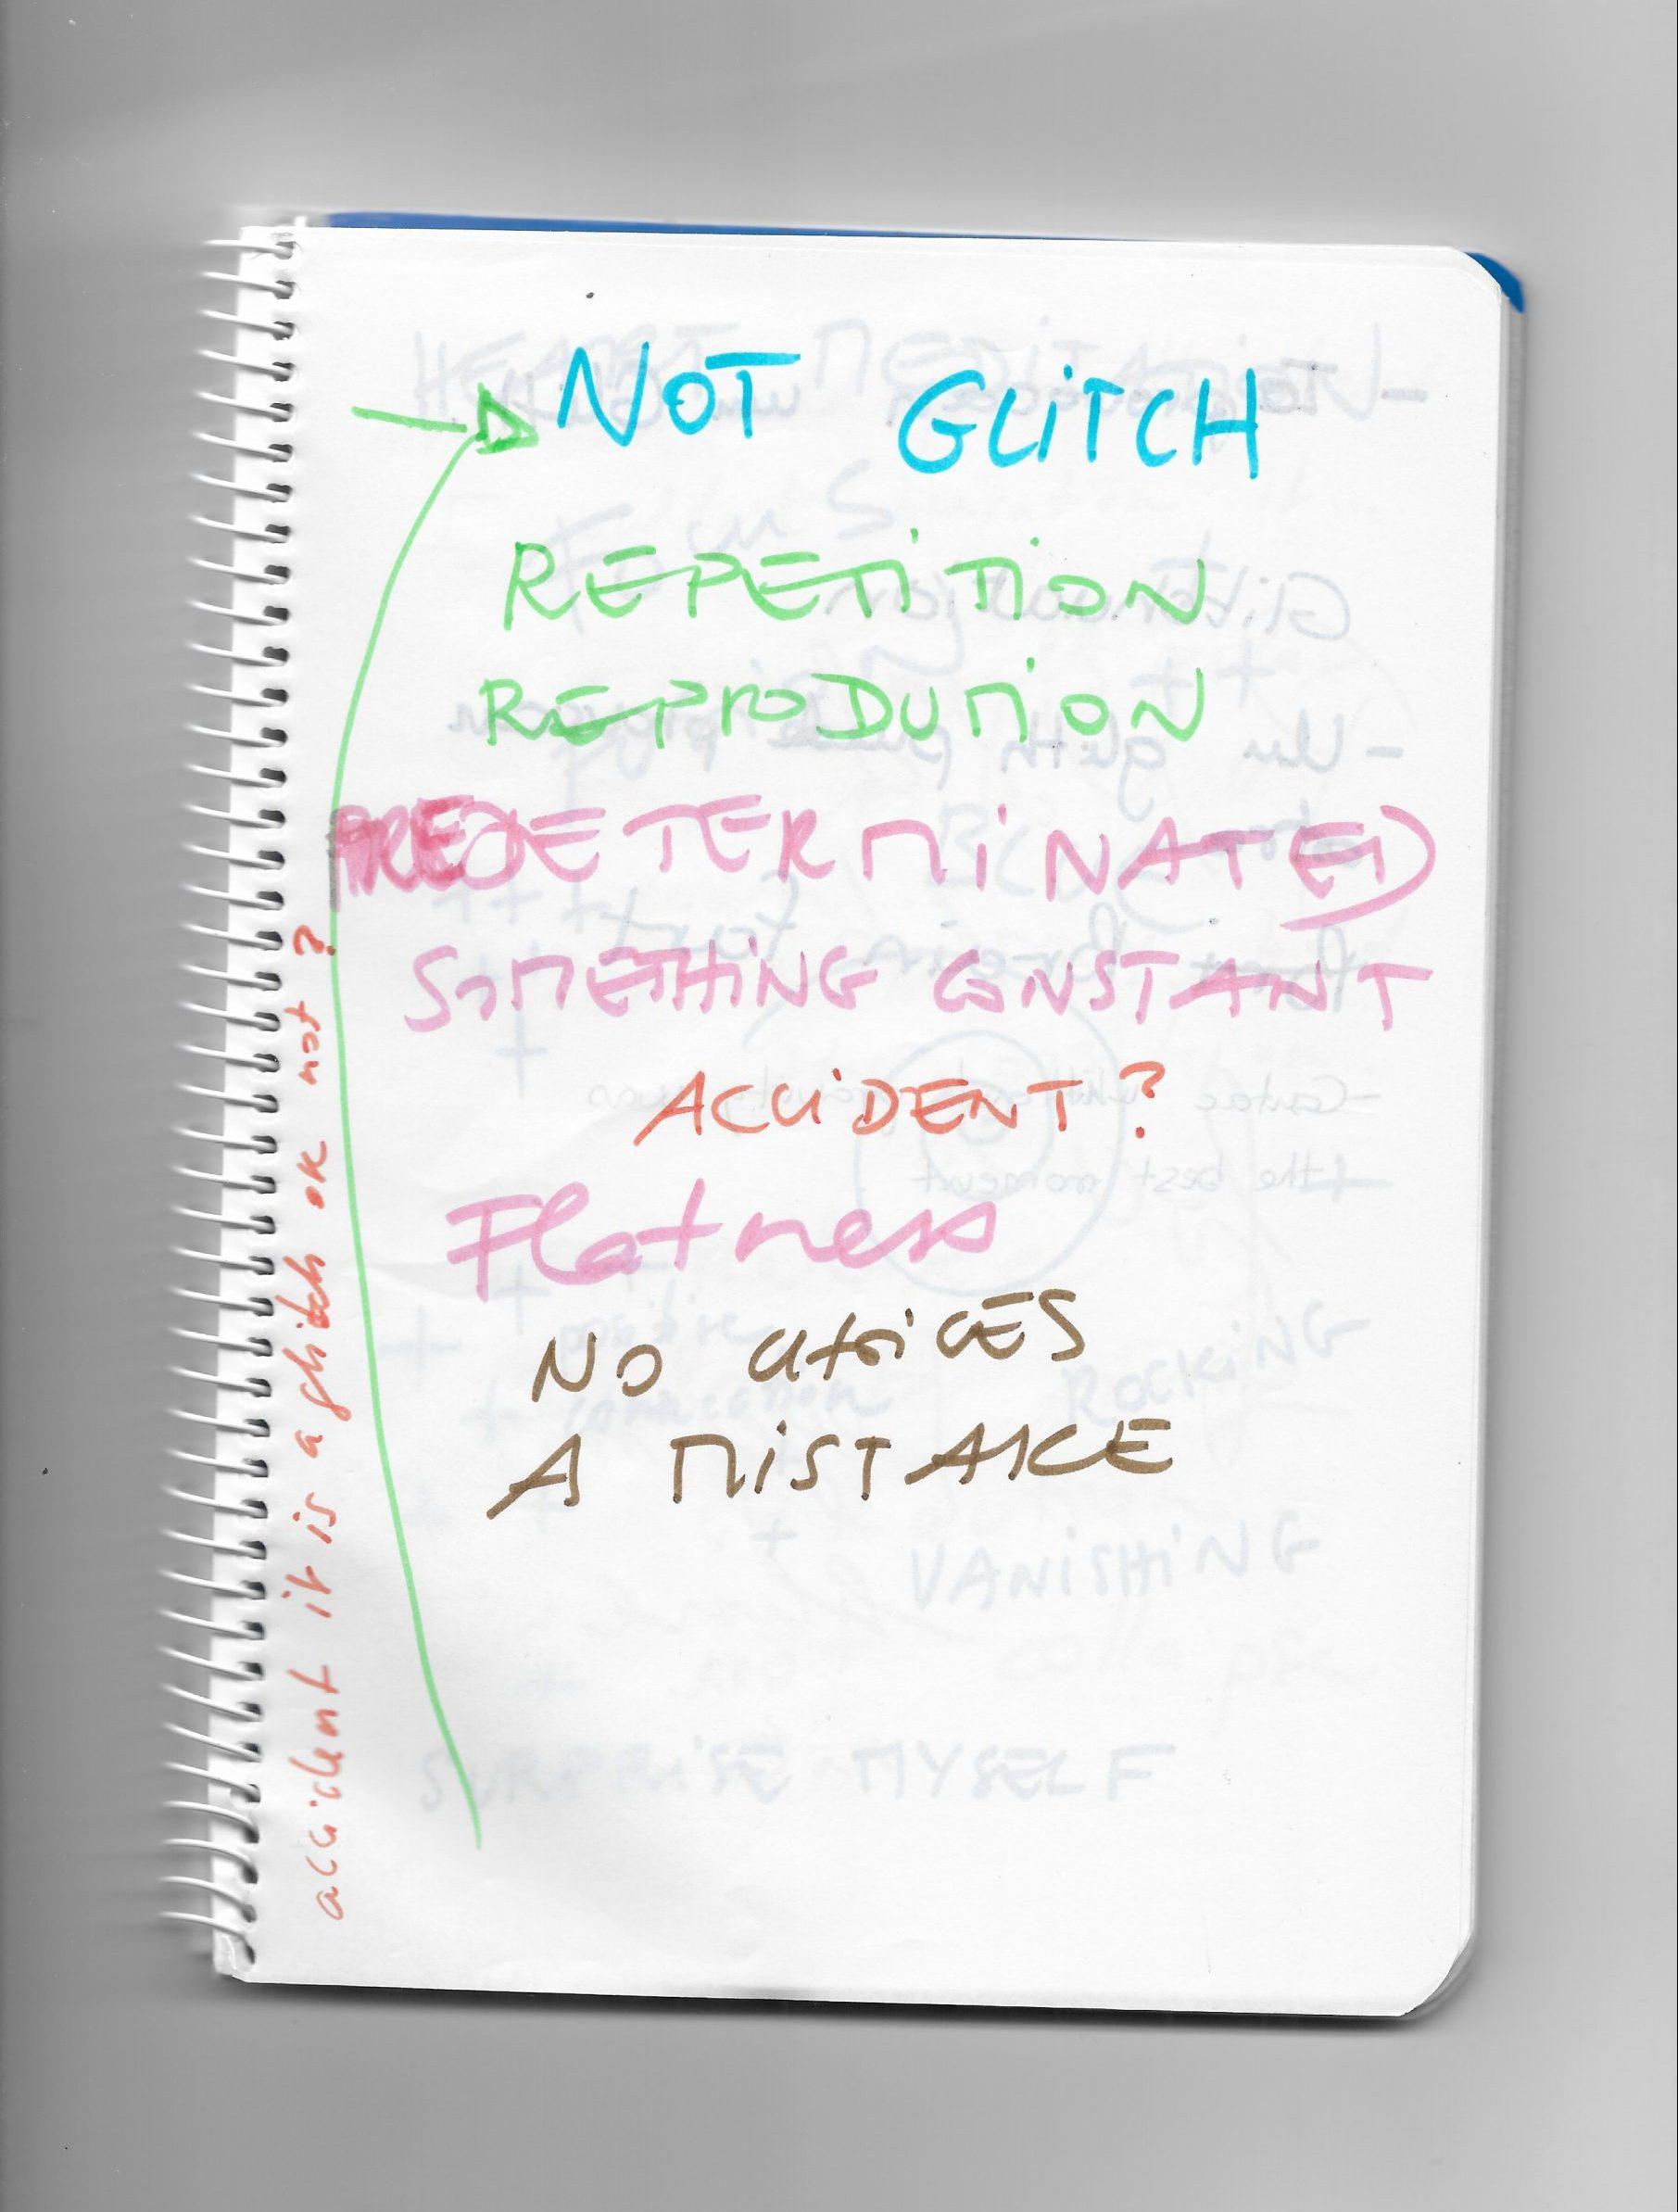 Notes Glitch 2